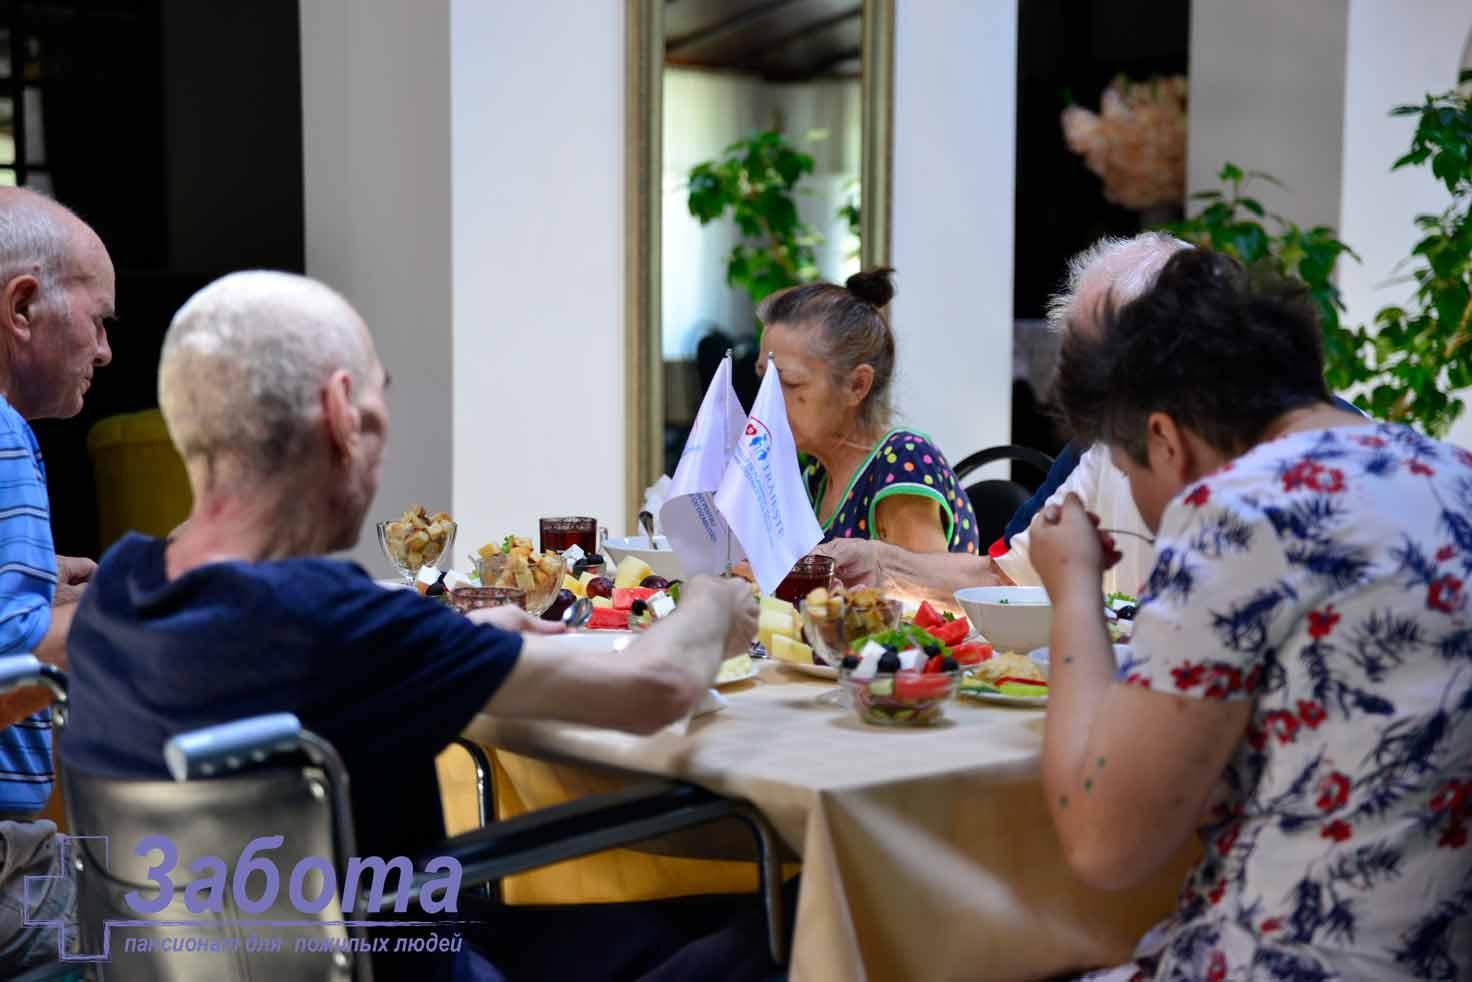 bătrâni într-un azil de bătrâni